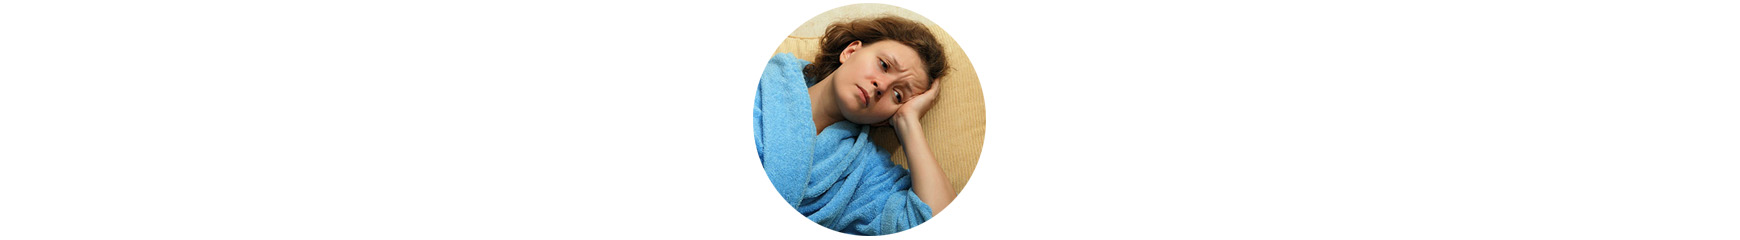 Сайт -Хроническая усталость-9